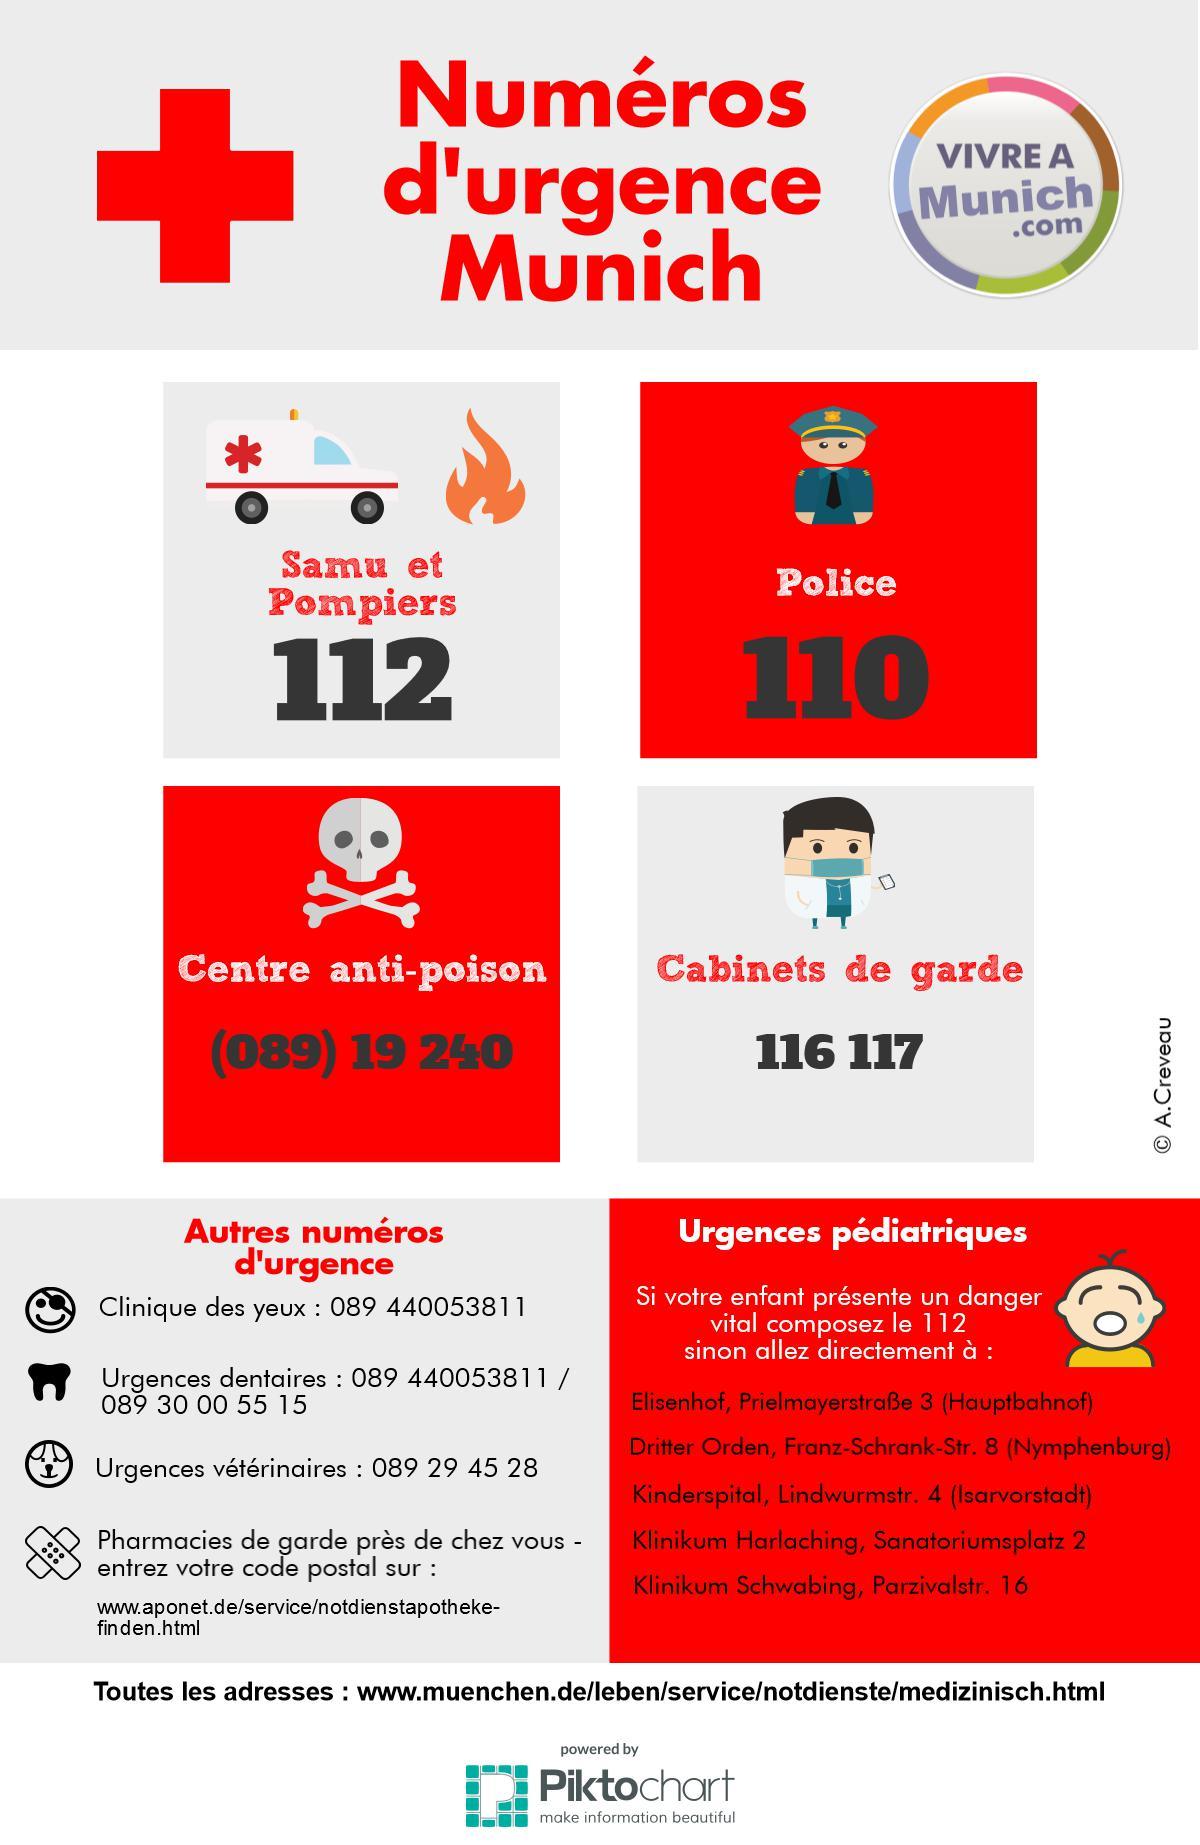 Numéros d'urgence à Munich @ Vivre à Munich